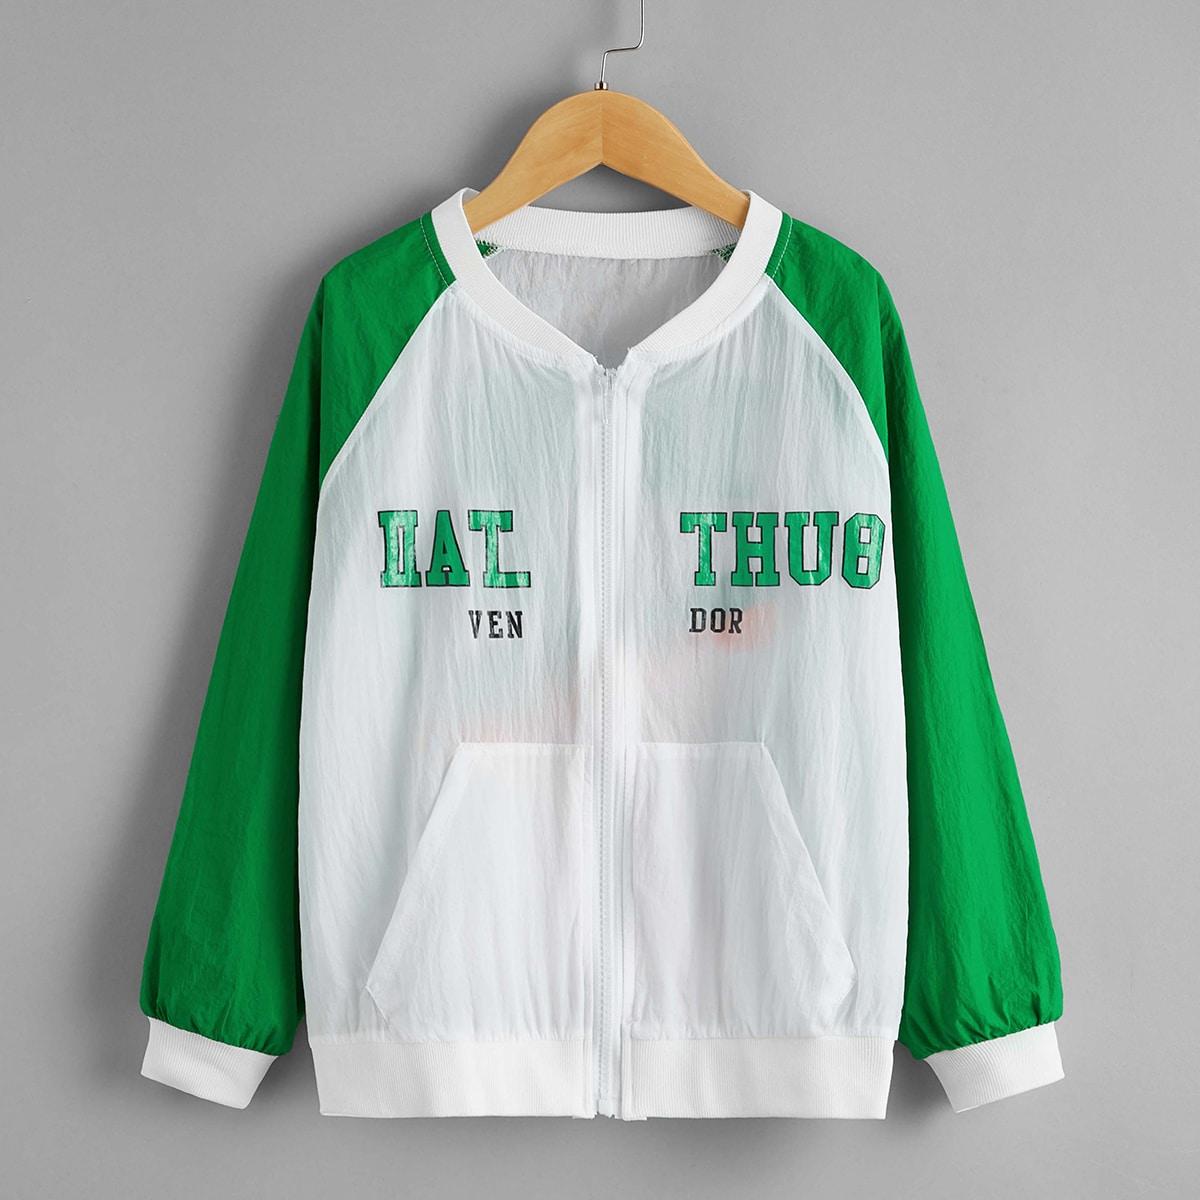 Куртка-бомбер с текстовым принтом и рукавом реглан для мальчиков от SHEIN